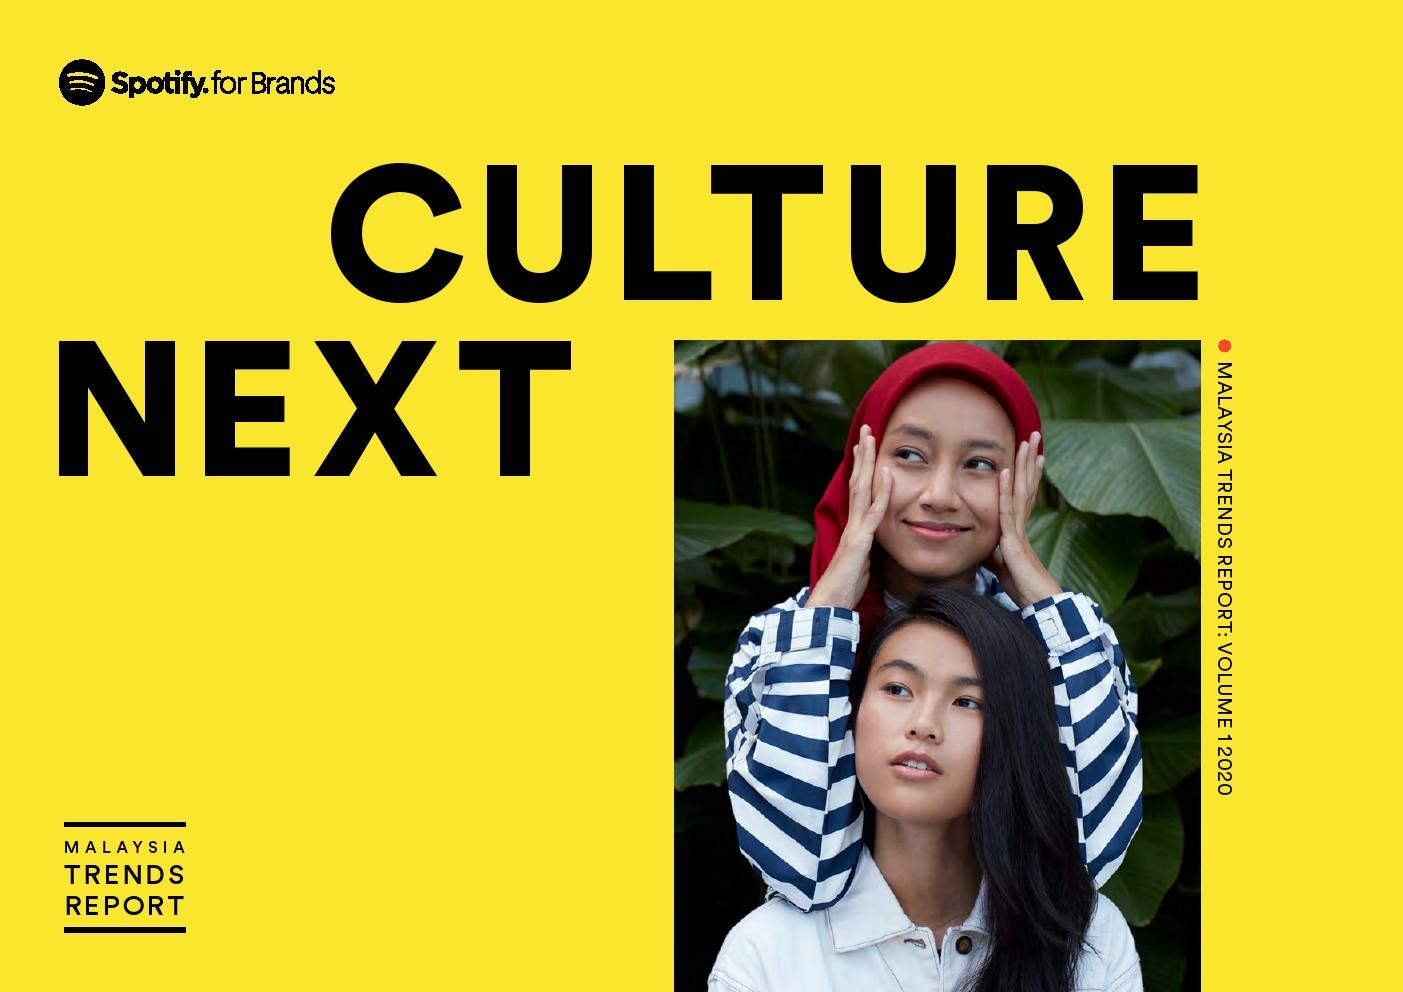 文化:定义东南亚Z世代和千禧一代的趋势报告